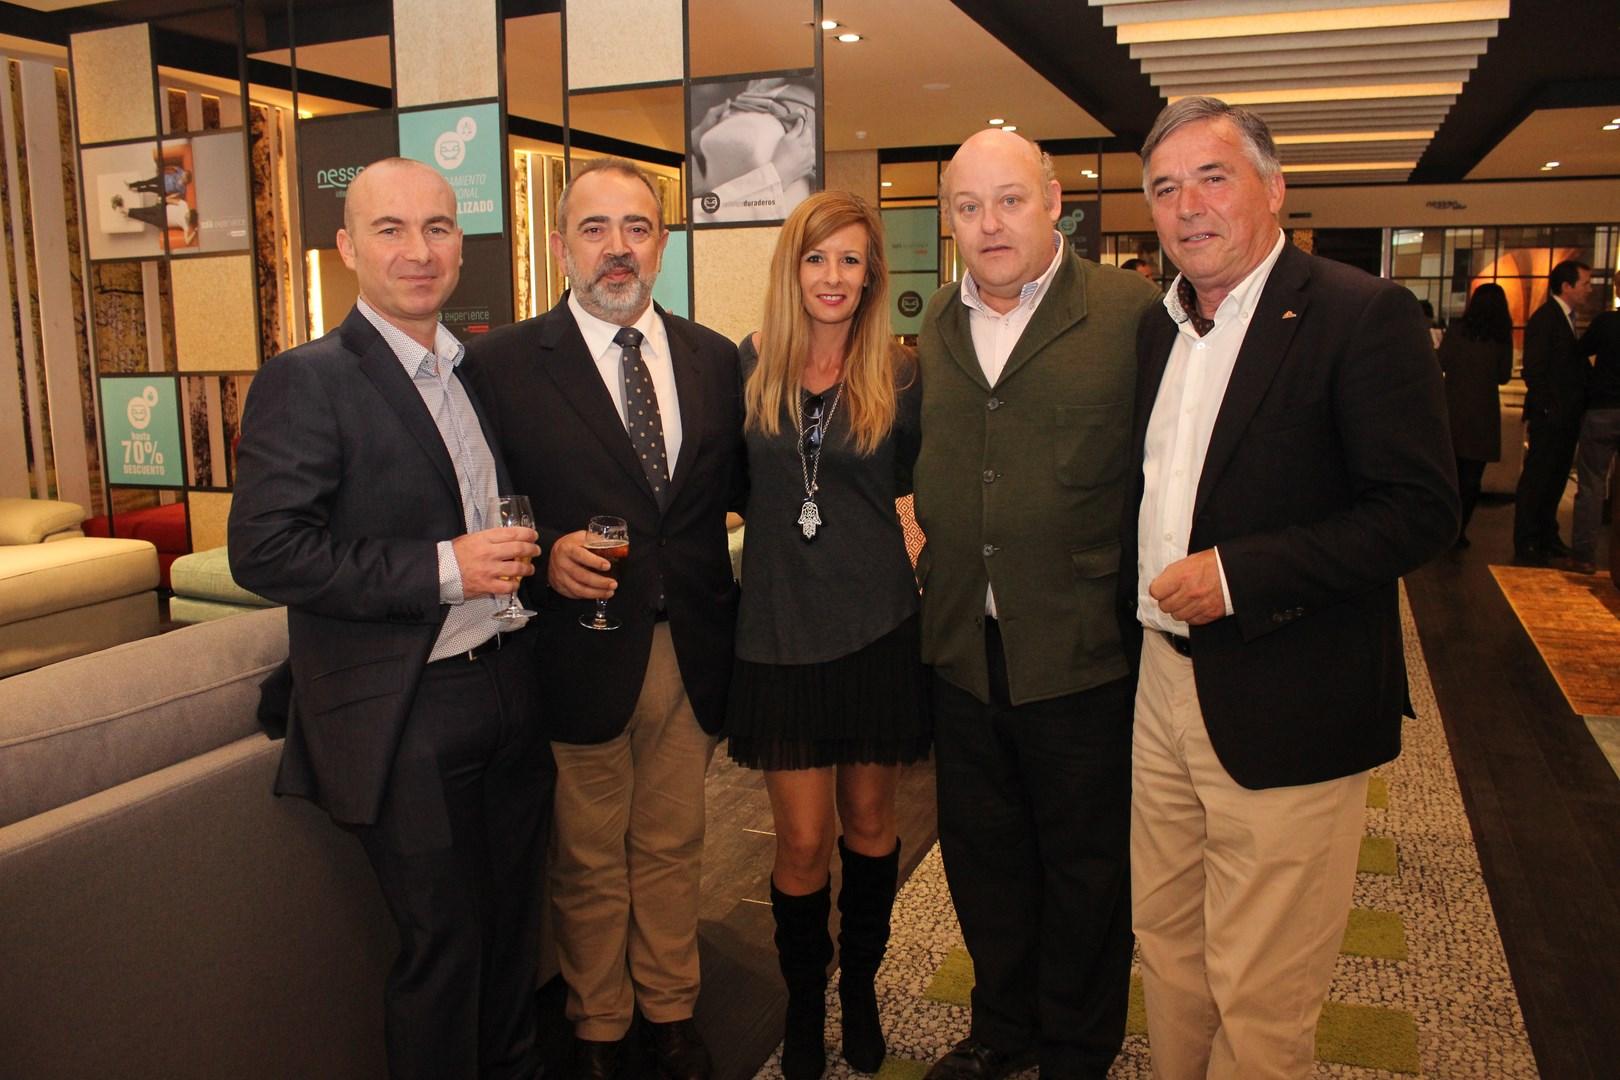 Ana Porras con Jacobo Guerrero, Pepe Cobos y otros invitados